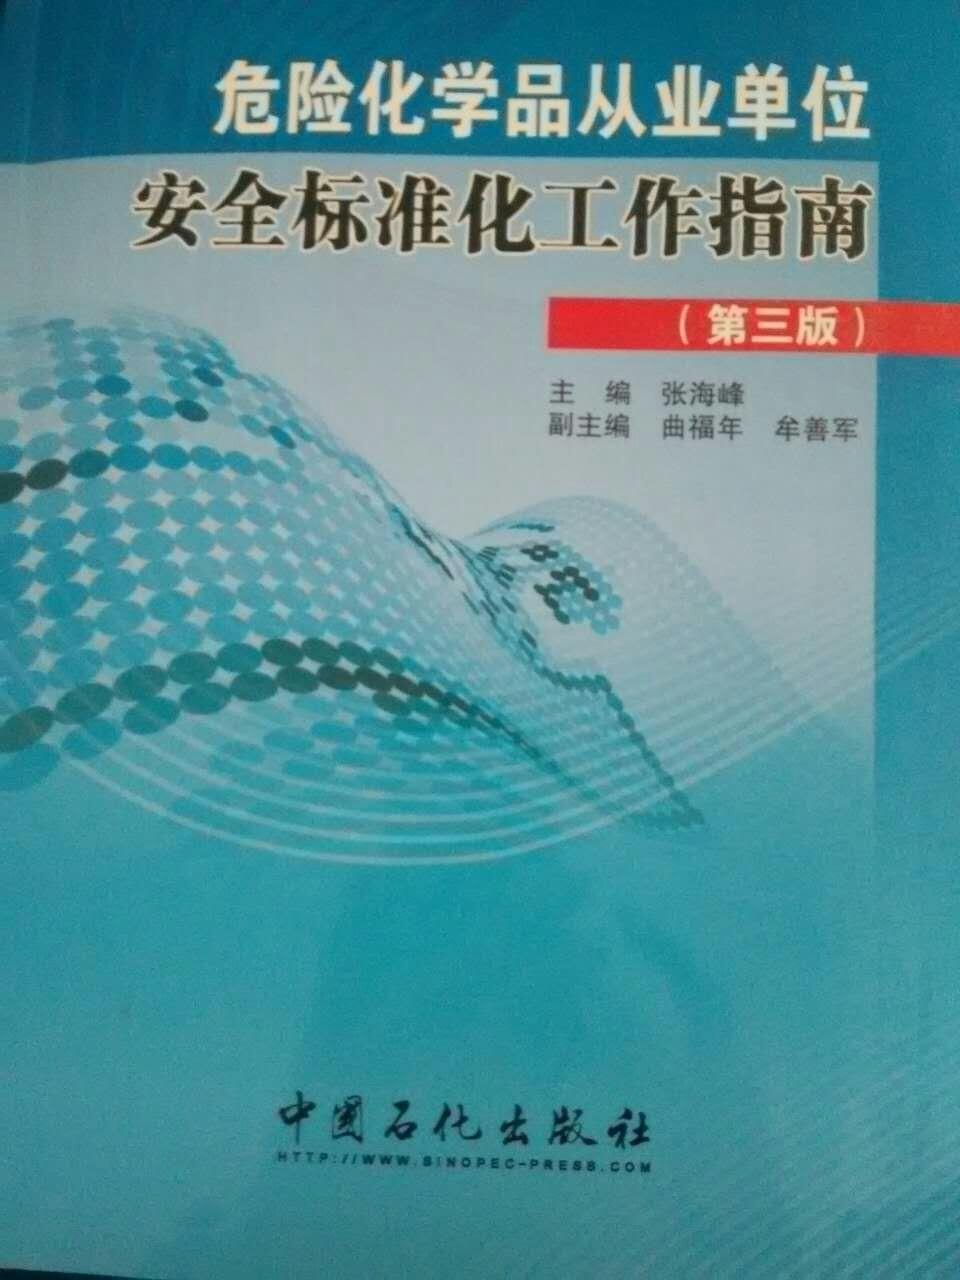 危险化学品从业单位腾博会标准化工作指南(第三版)